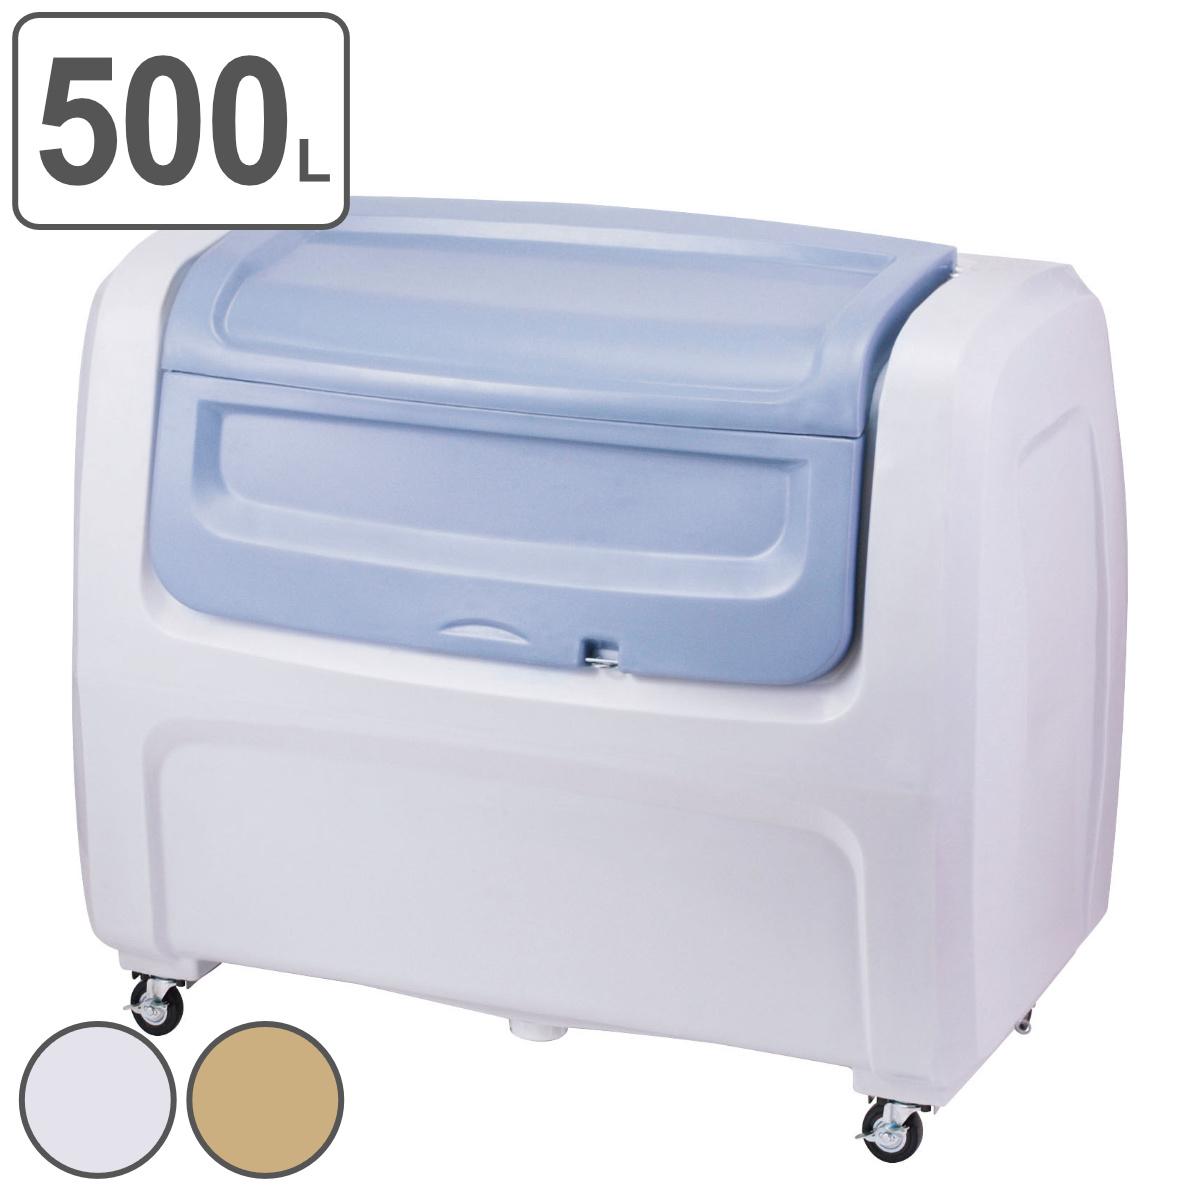 ダストボックスDX #500 (大型ゴミ箱 回収用 キャスター付き 山崎産業 送料無料 ) 【4500円以上送料無料】